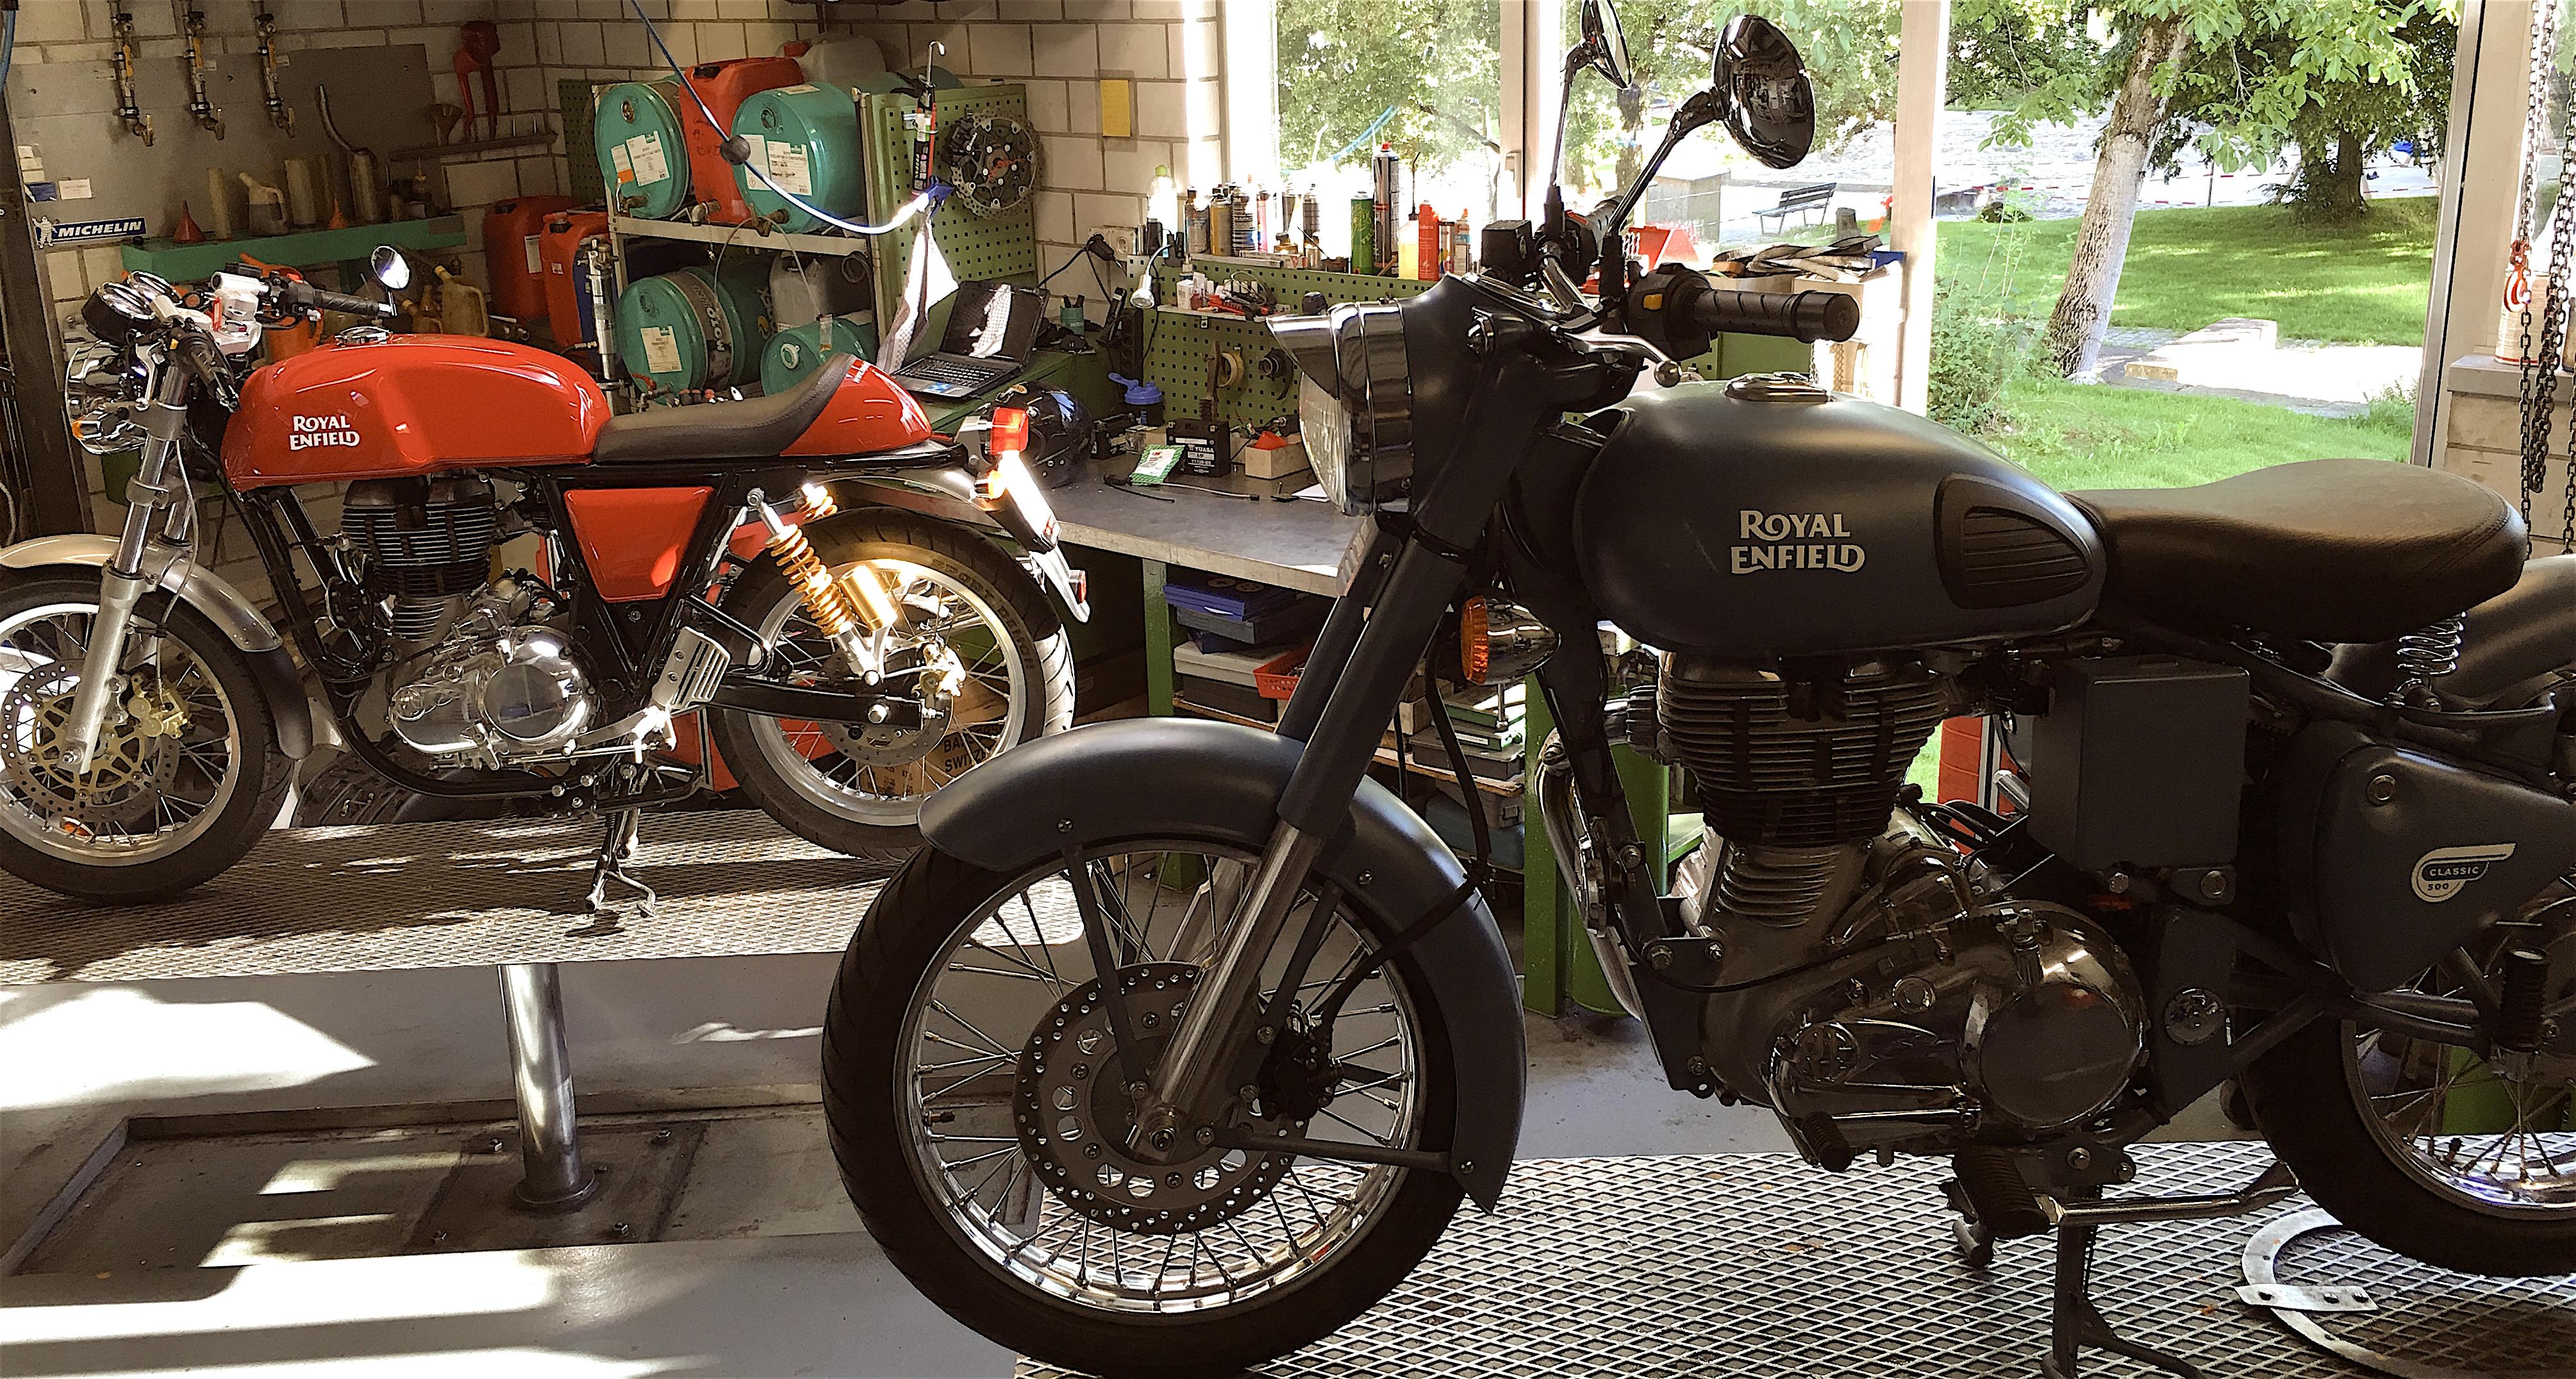 Royal Enfield World Motorrad Werkstatt